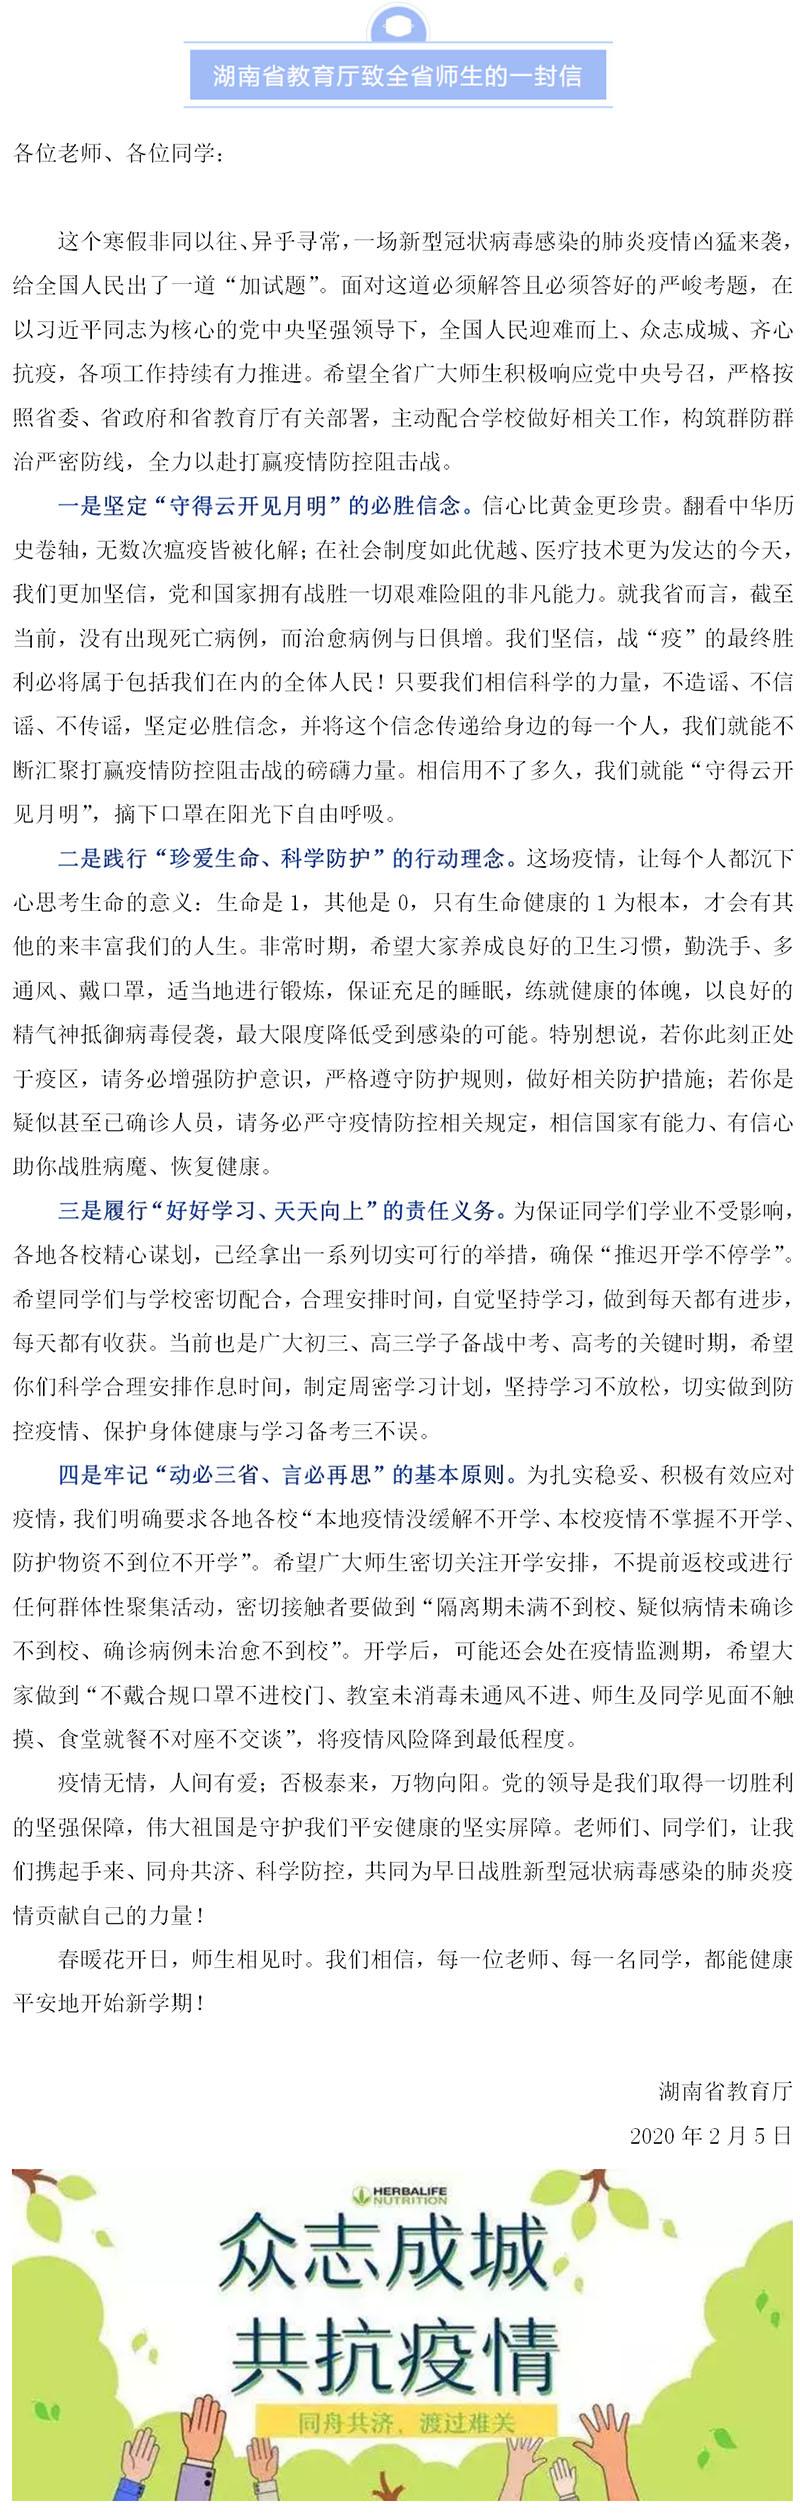 湖南省教育厅致全省师生的一封信